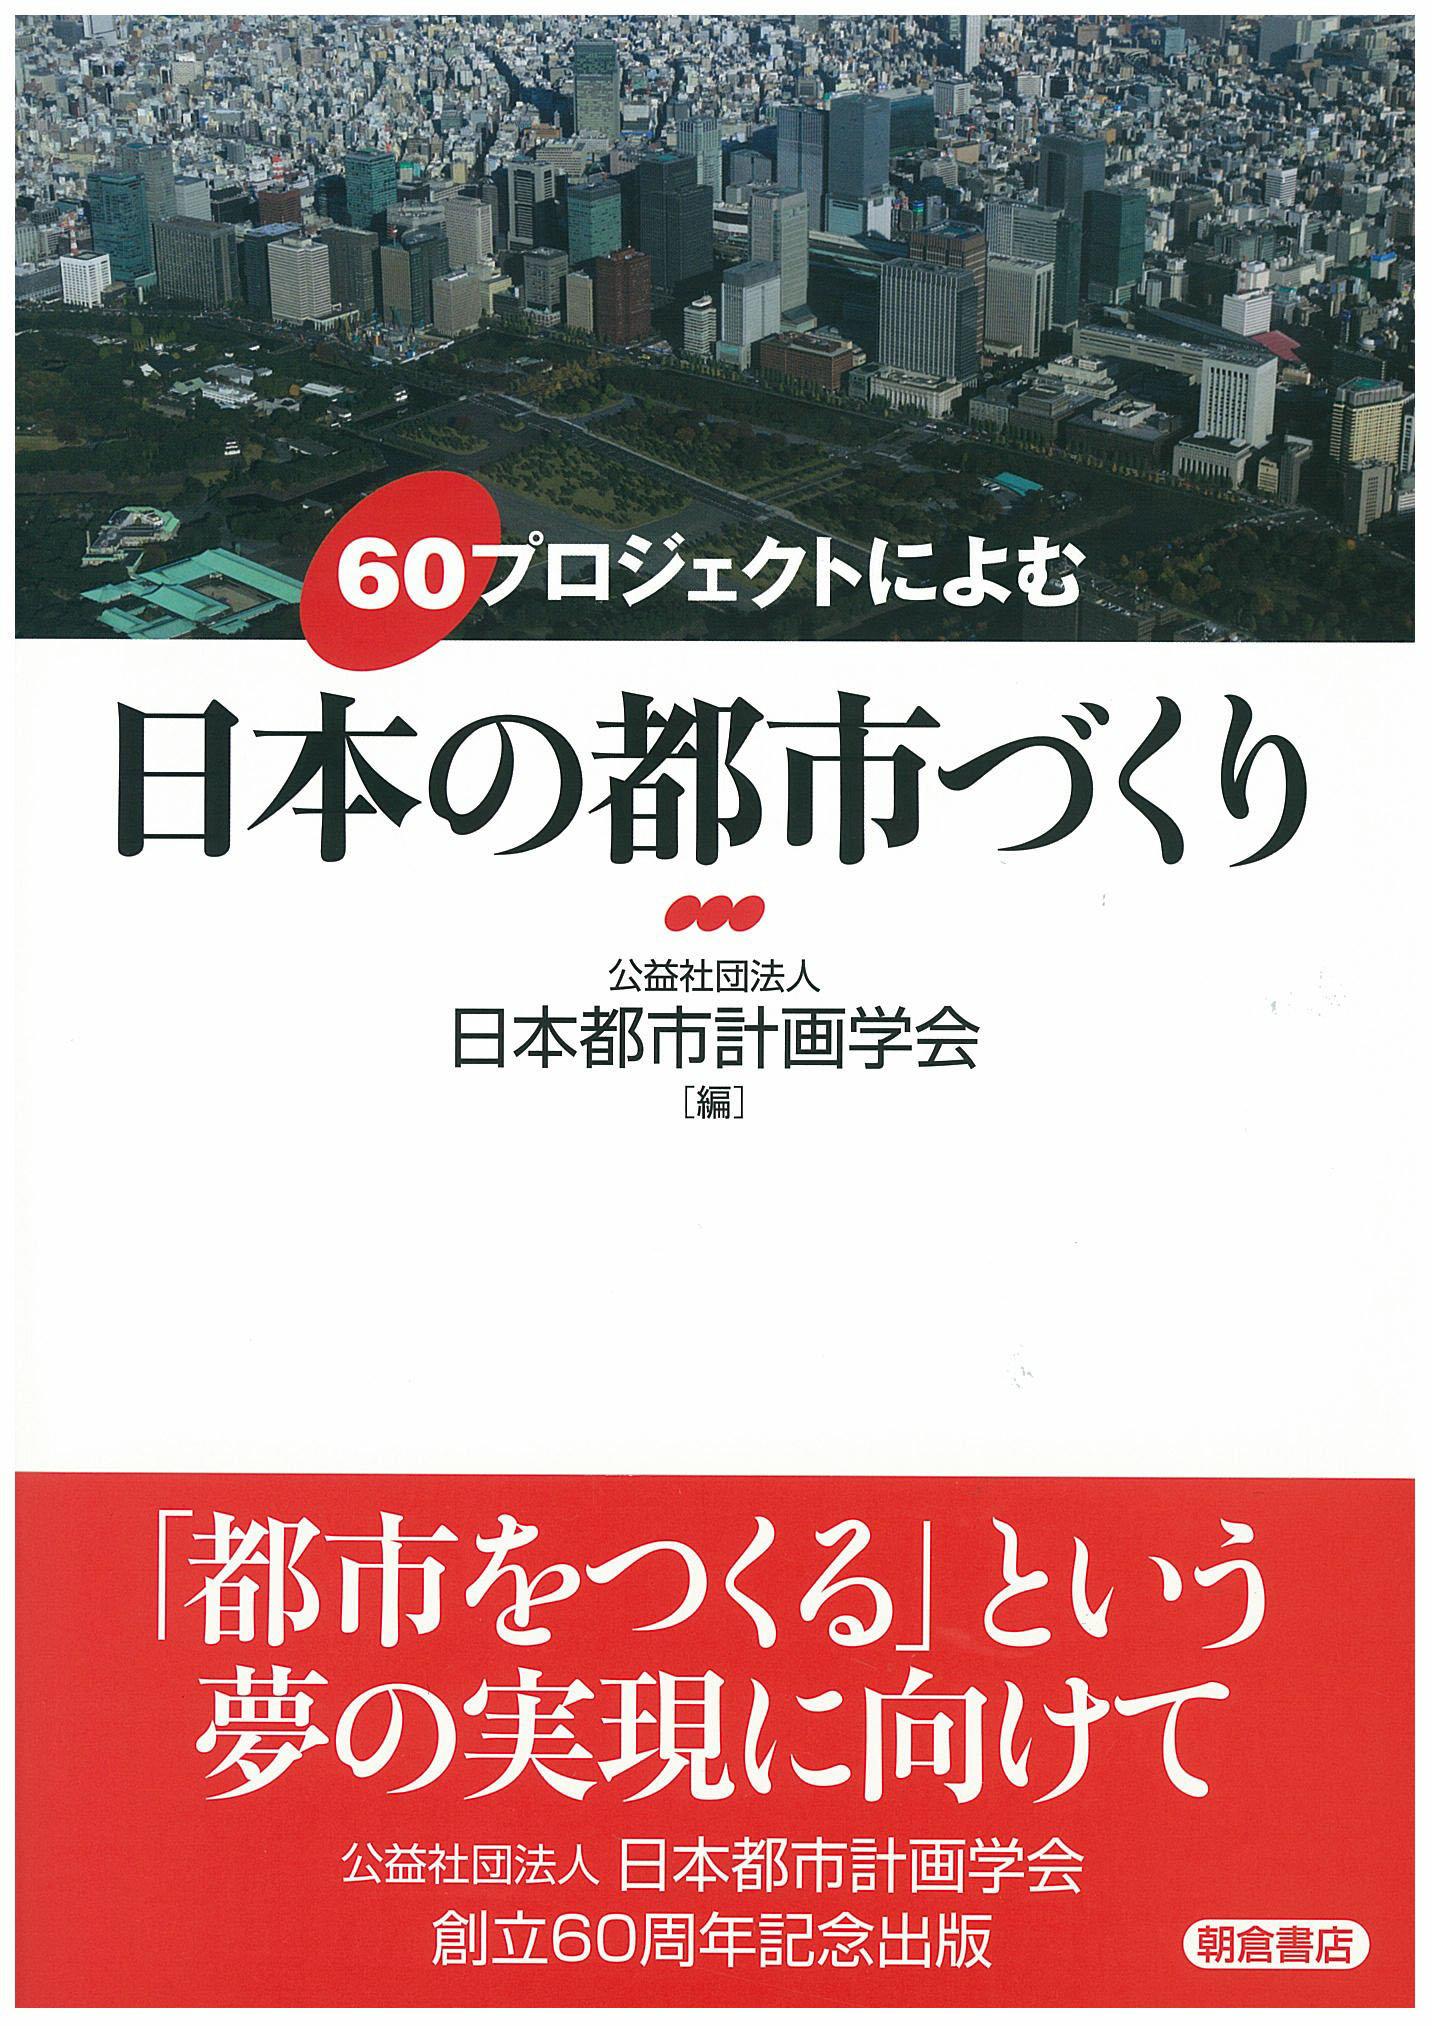 60 プロジェクトによむ 日本の都市づくり